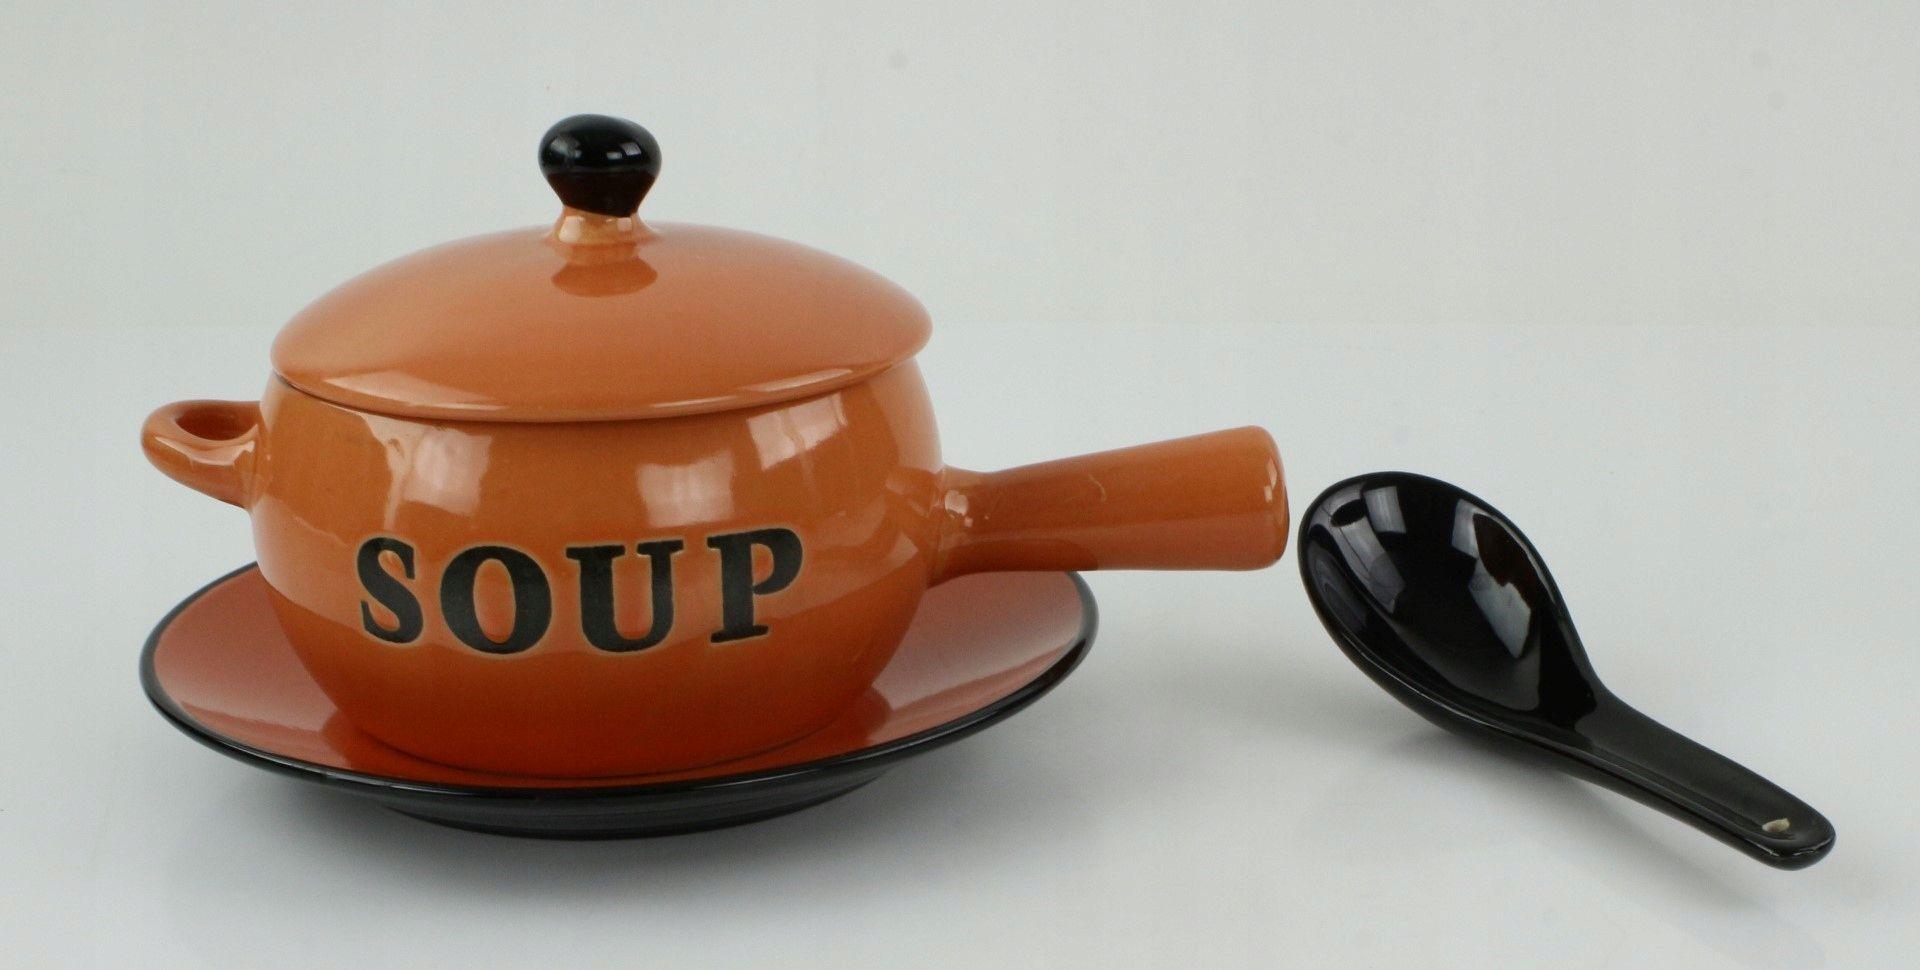 Pchli Targ Ceramiczne Naczynie Na Zupe 7715916569 Oficjalne Archiwum Allegro Soup